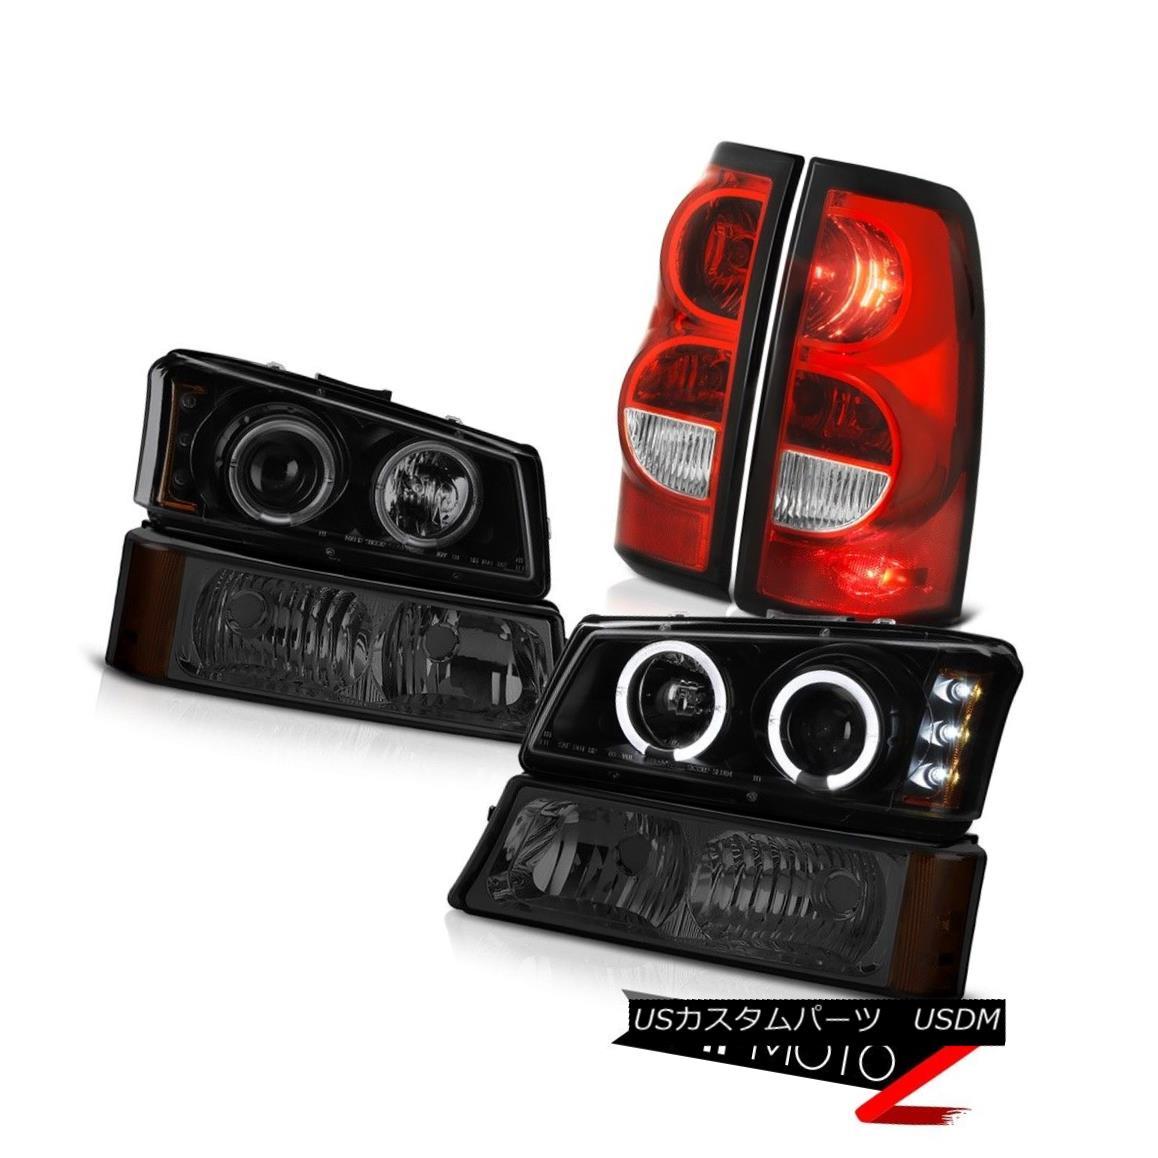 ヘッドライト 03-06 Silverado 3500Hd Tail Lights Phantom Smoke Parking Light Darkest Headlamps 03-06 Silverado 3500HdテールライトファントムスモークパーキングライトDarkest Headlamps